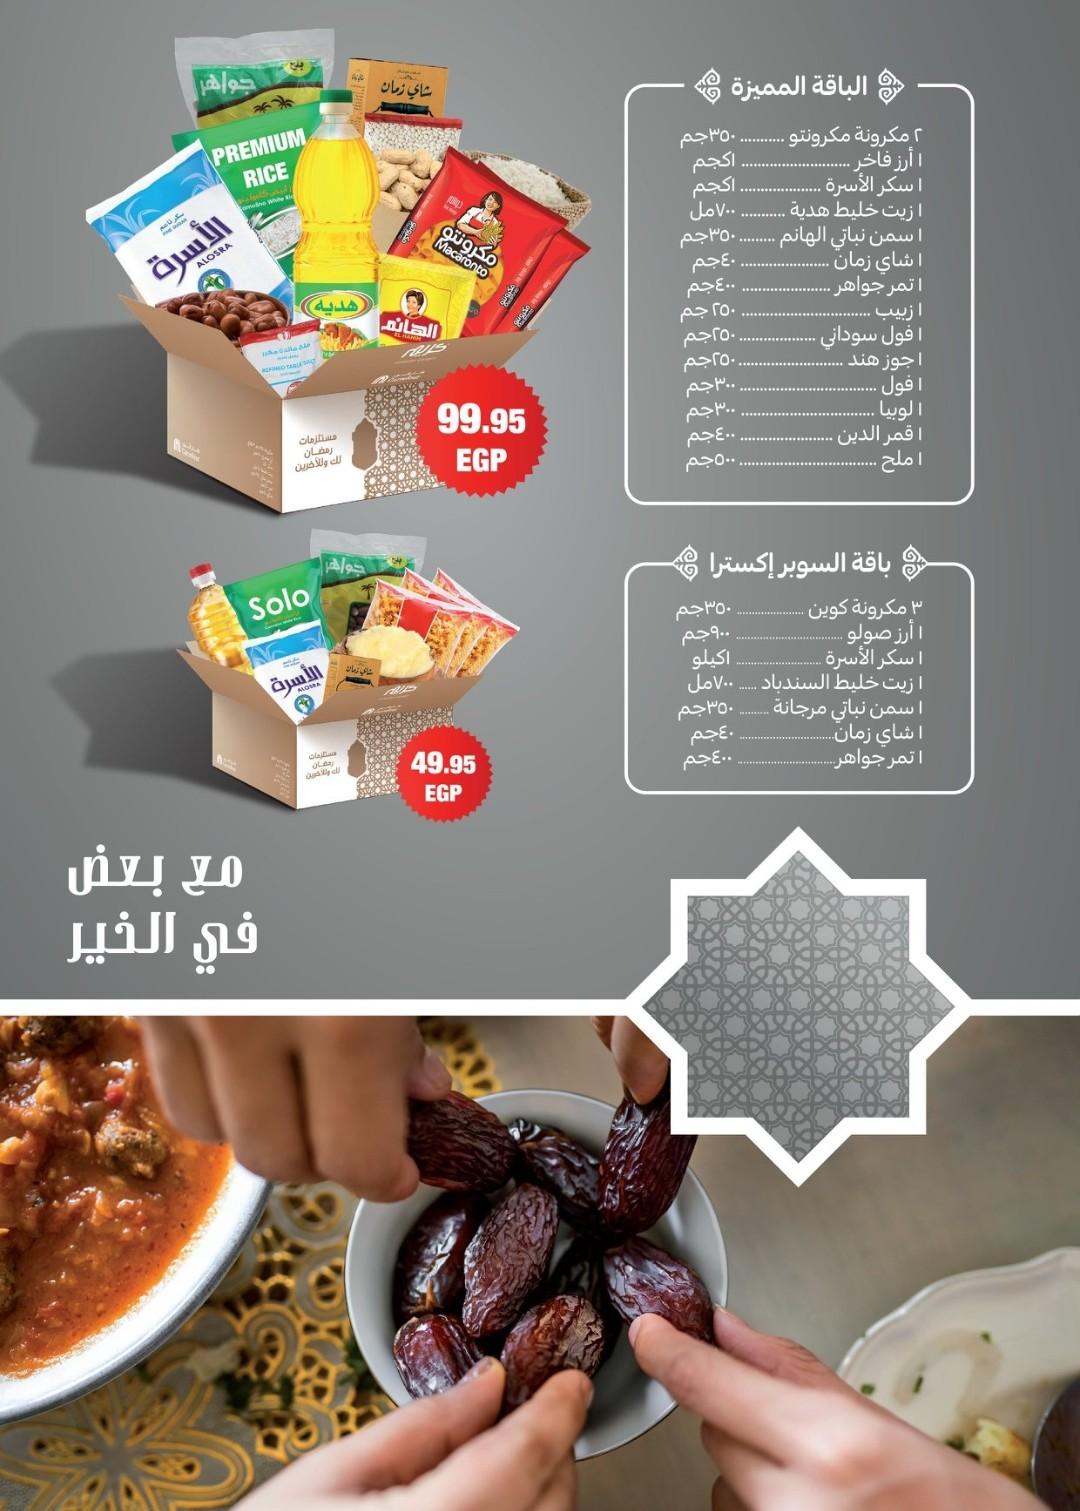 عروض كارفور شهر رمضان